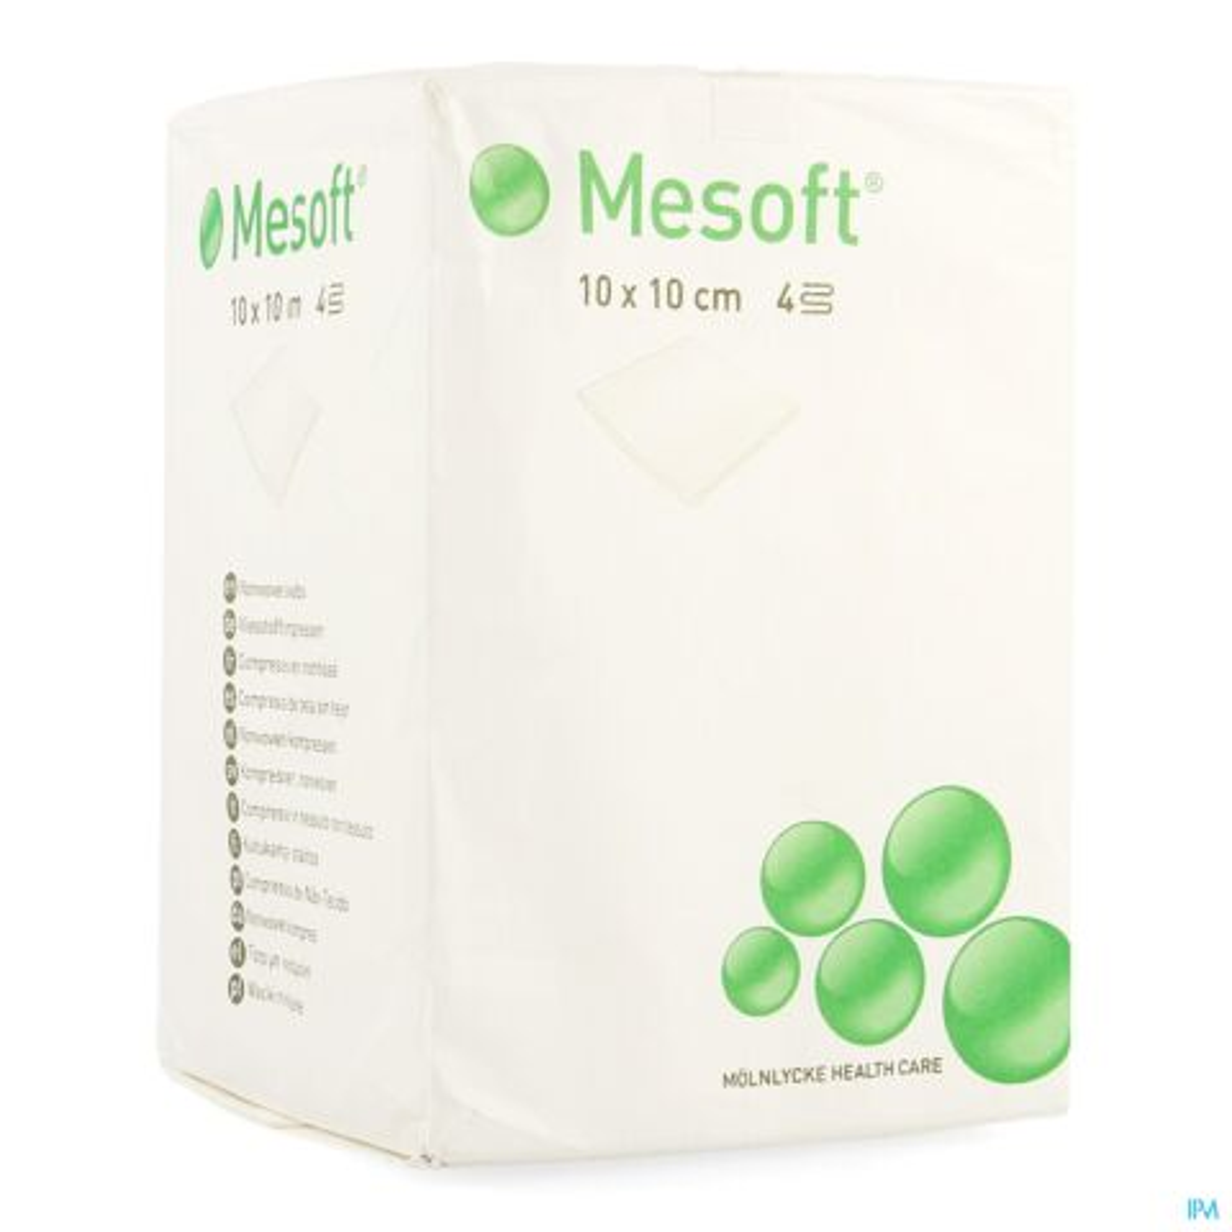 MESOFT KP N/ST 4L 10X10 100 156315